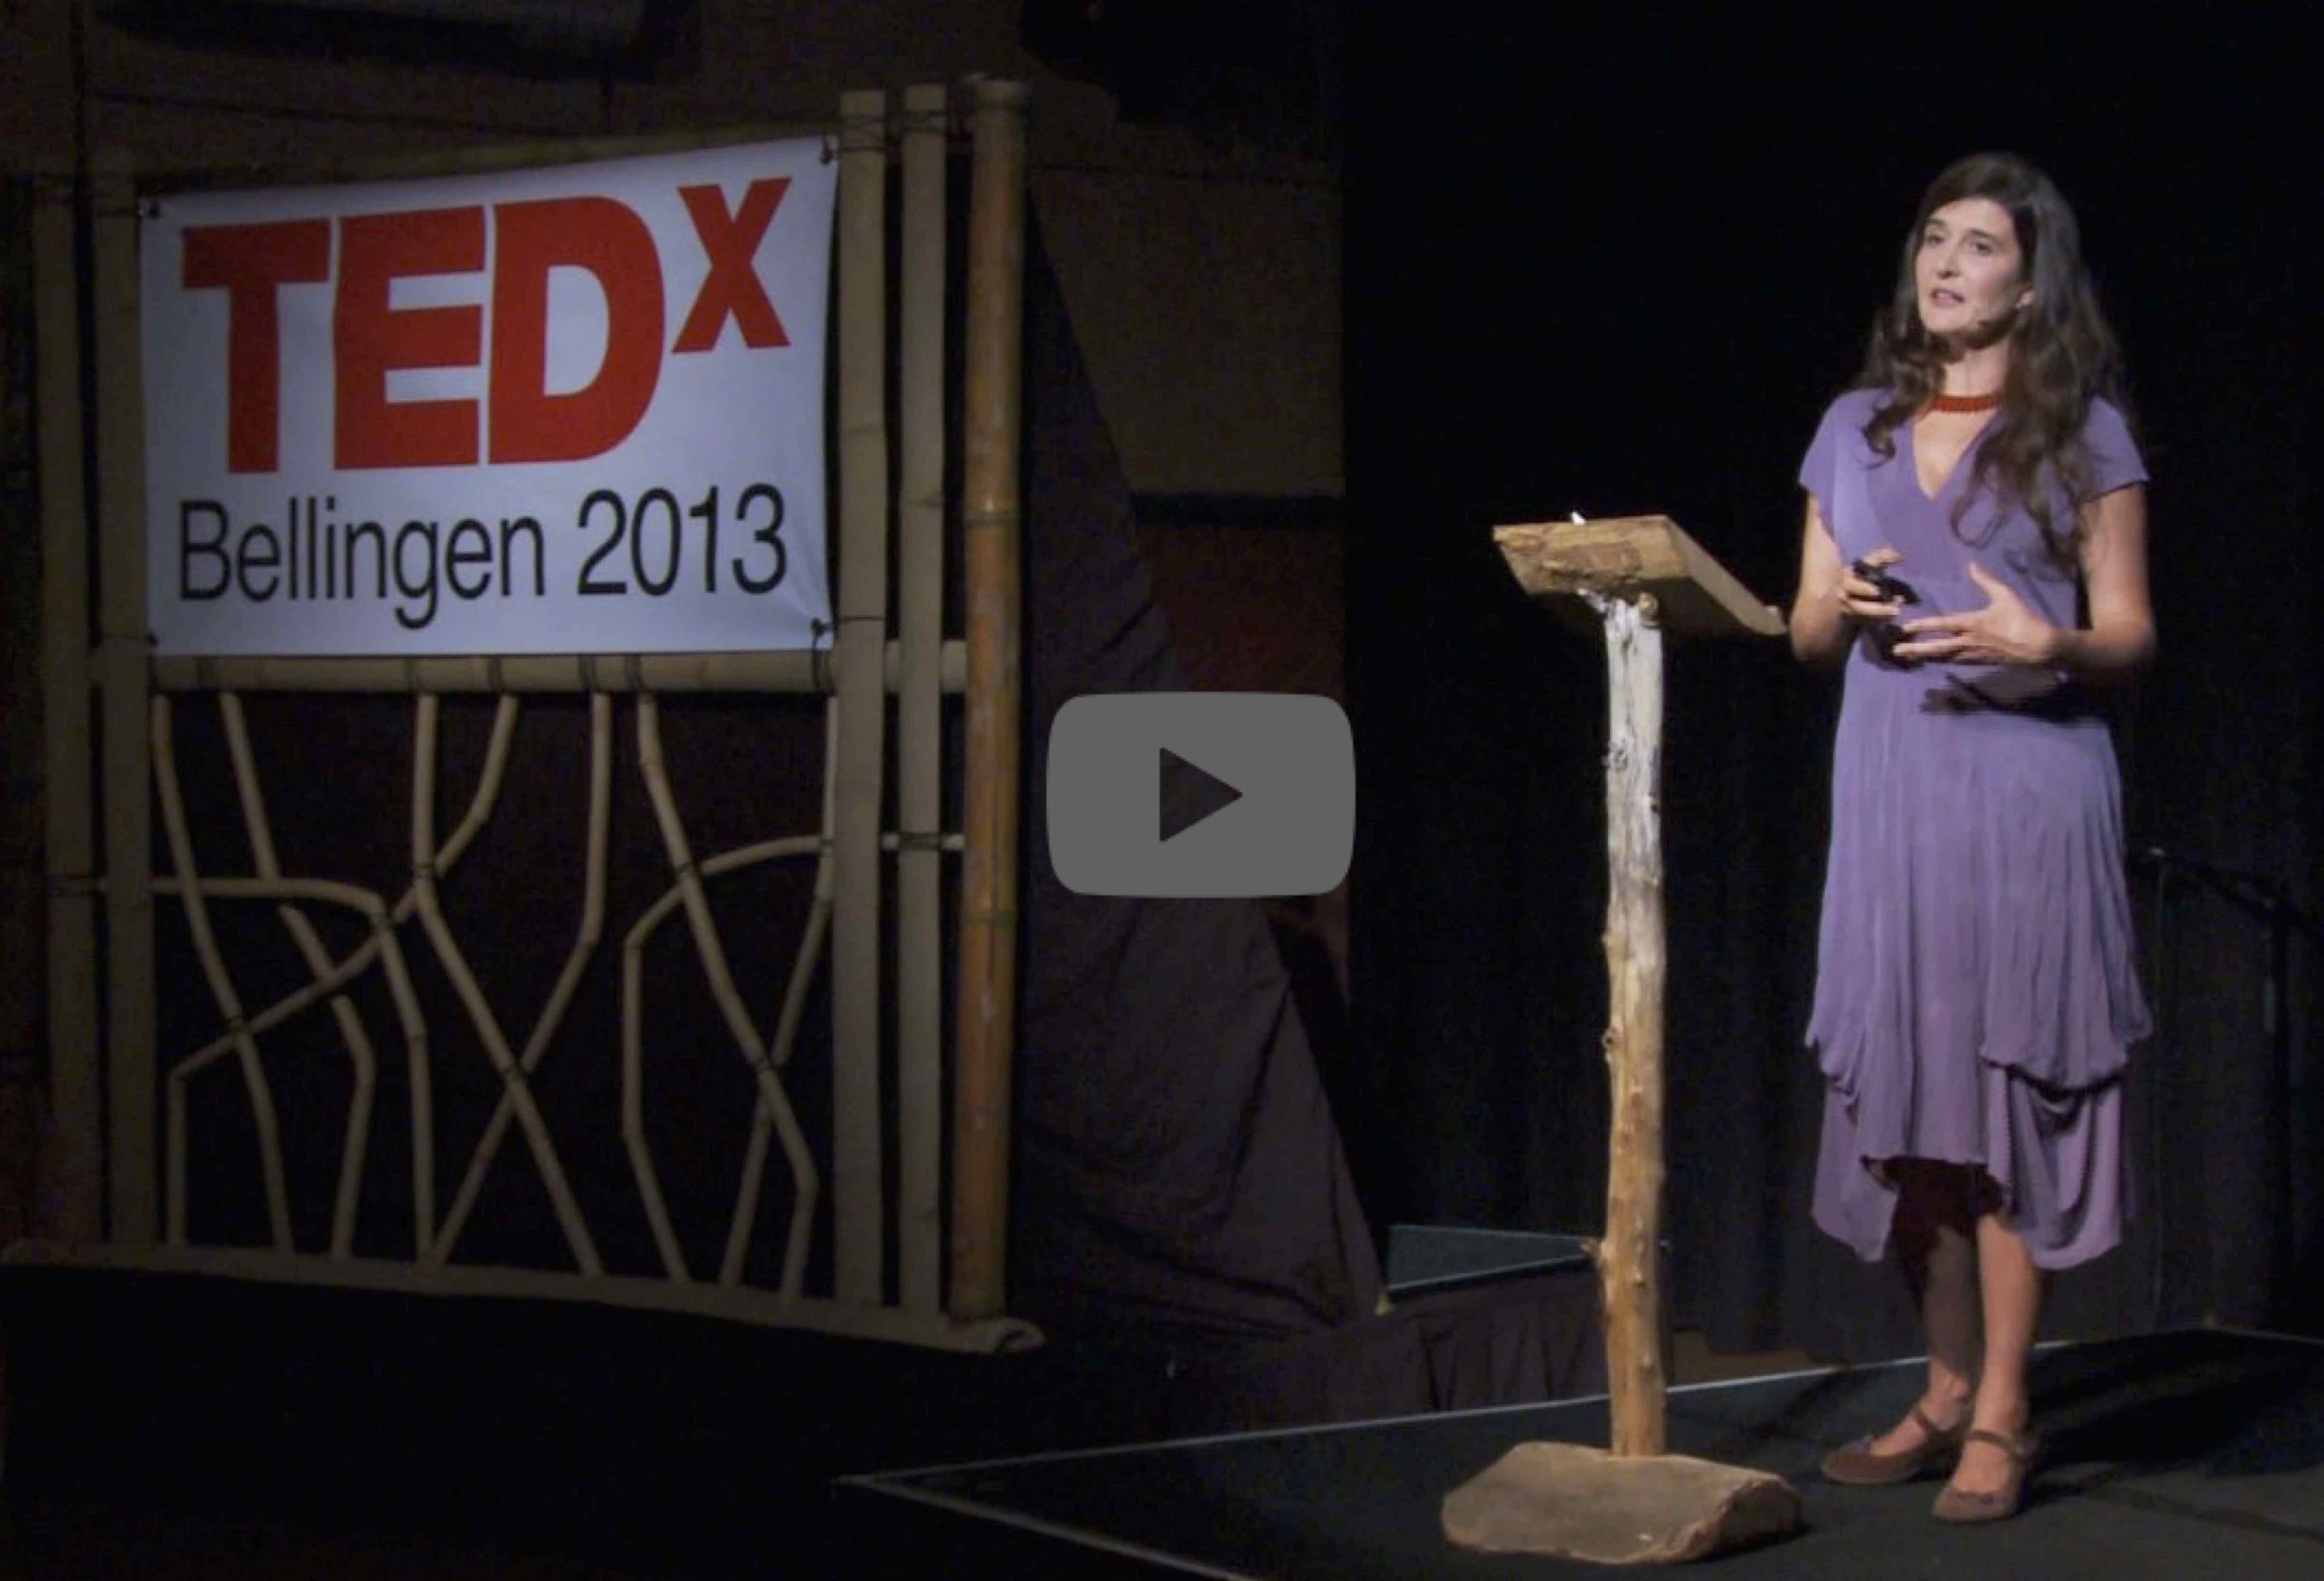 Tedx Nicole Moore